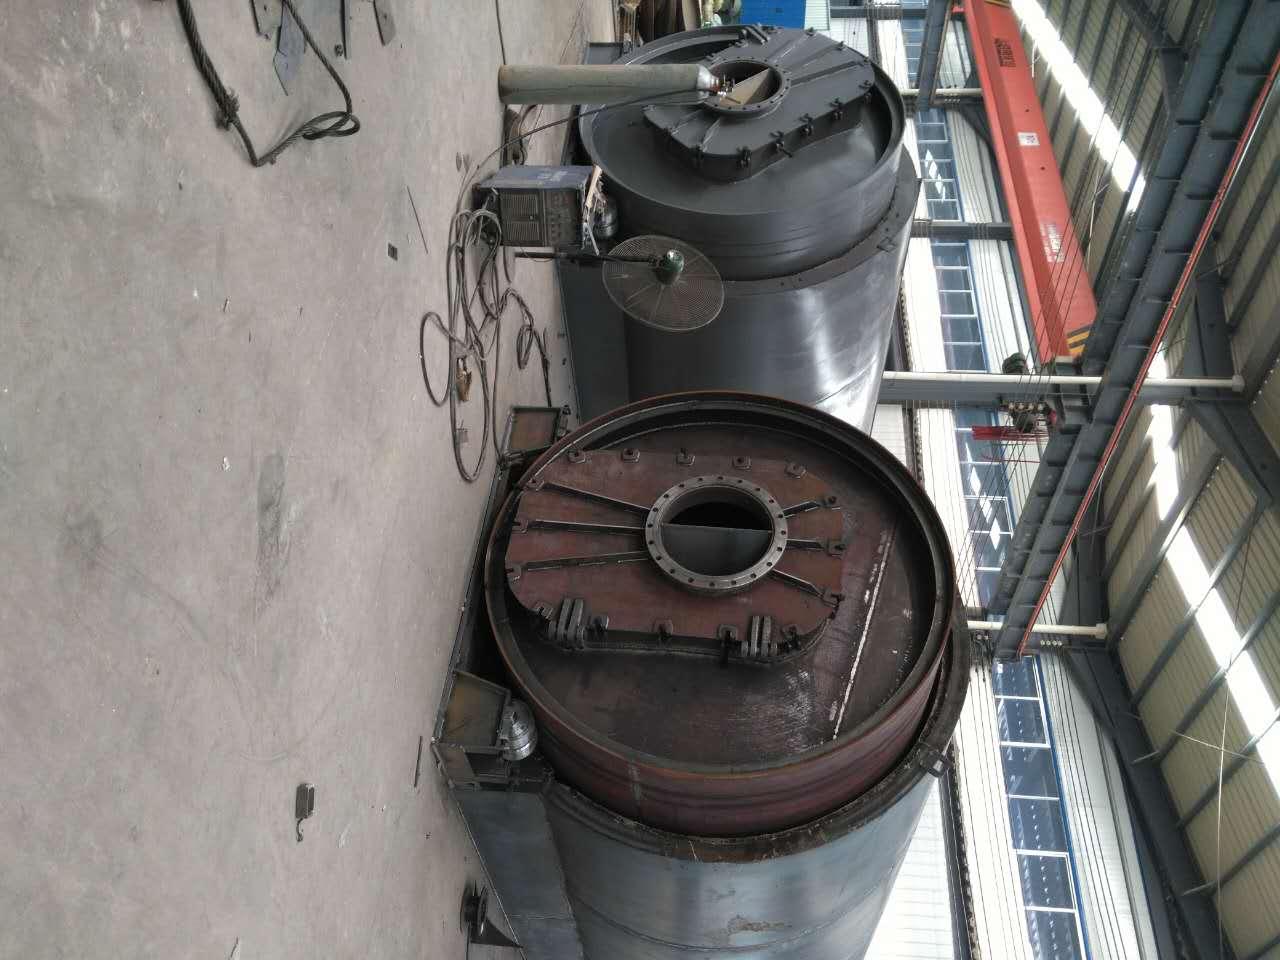 商丘有哪几家品牌好的废塑料炼油设备厂家-商丘废轮胎炼油